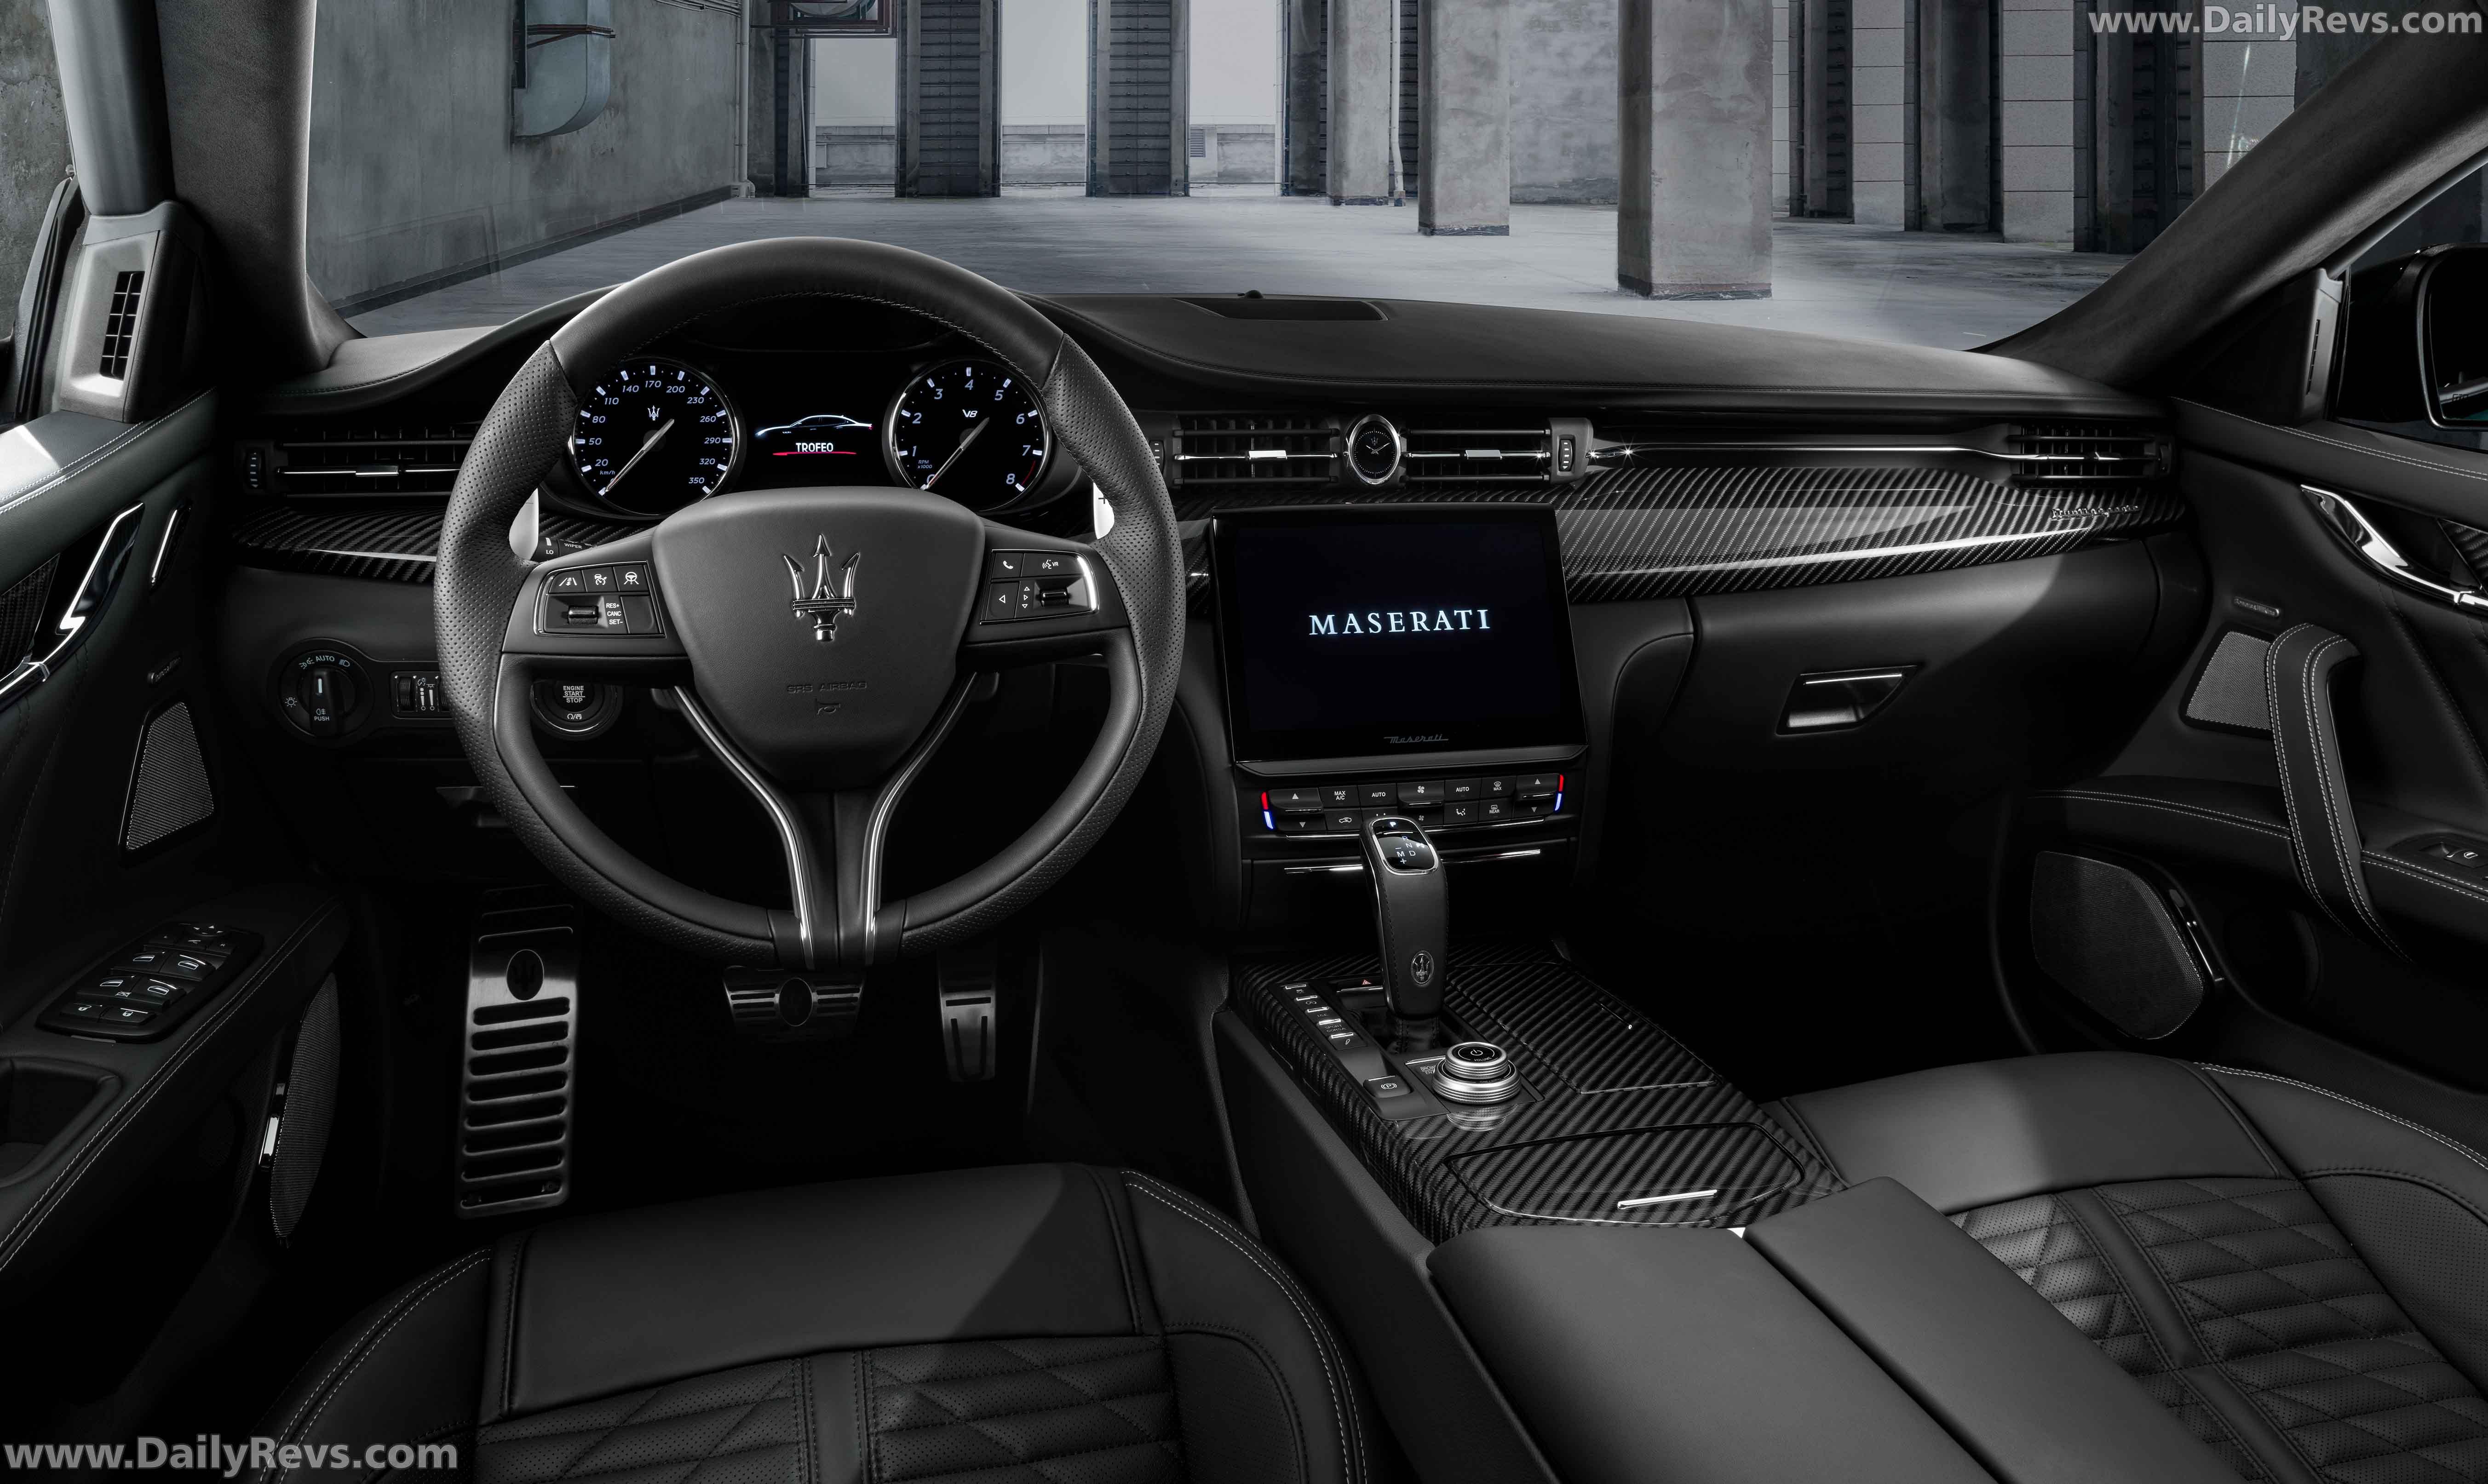 2021 Maserati Quattroporte Trofeo full